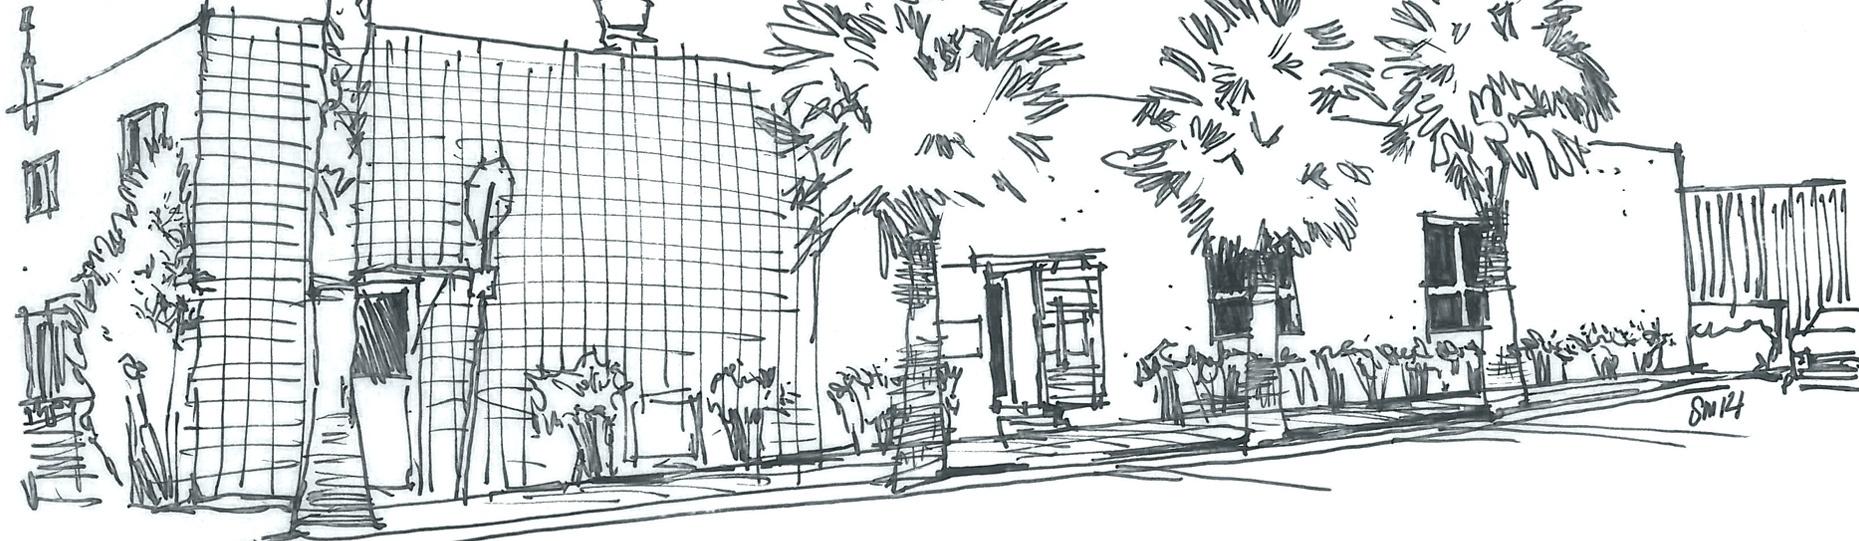 Sketch_origin.jpg